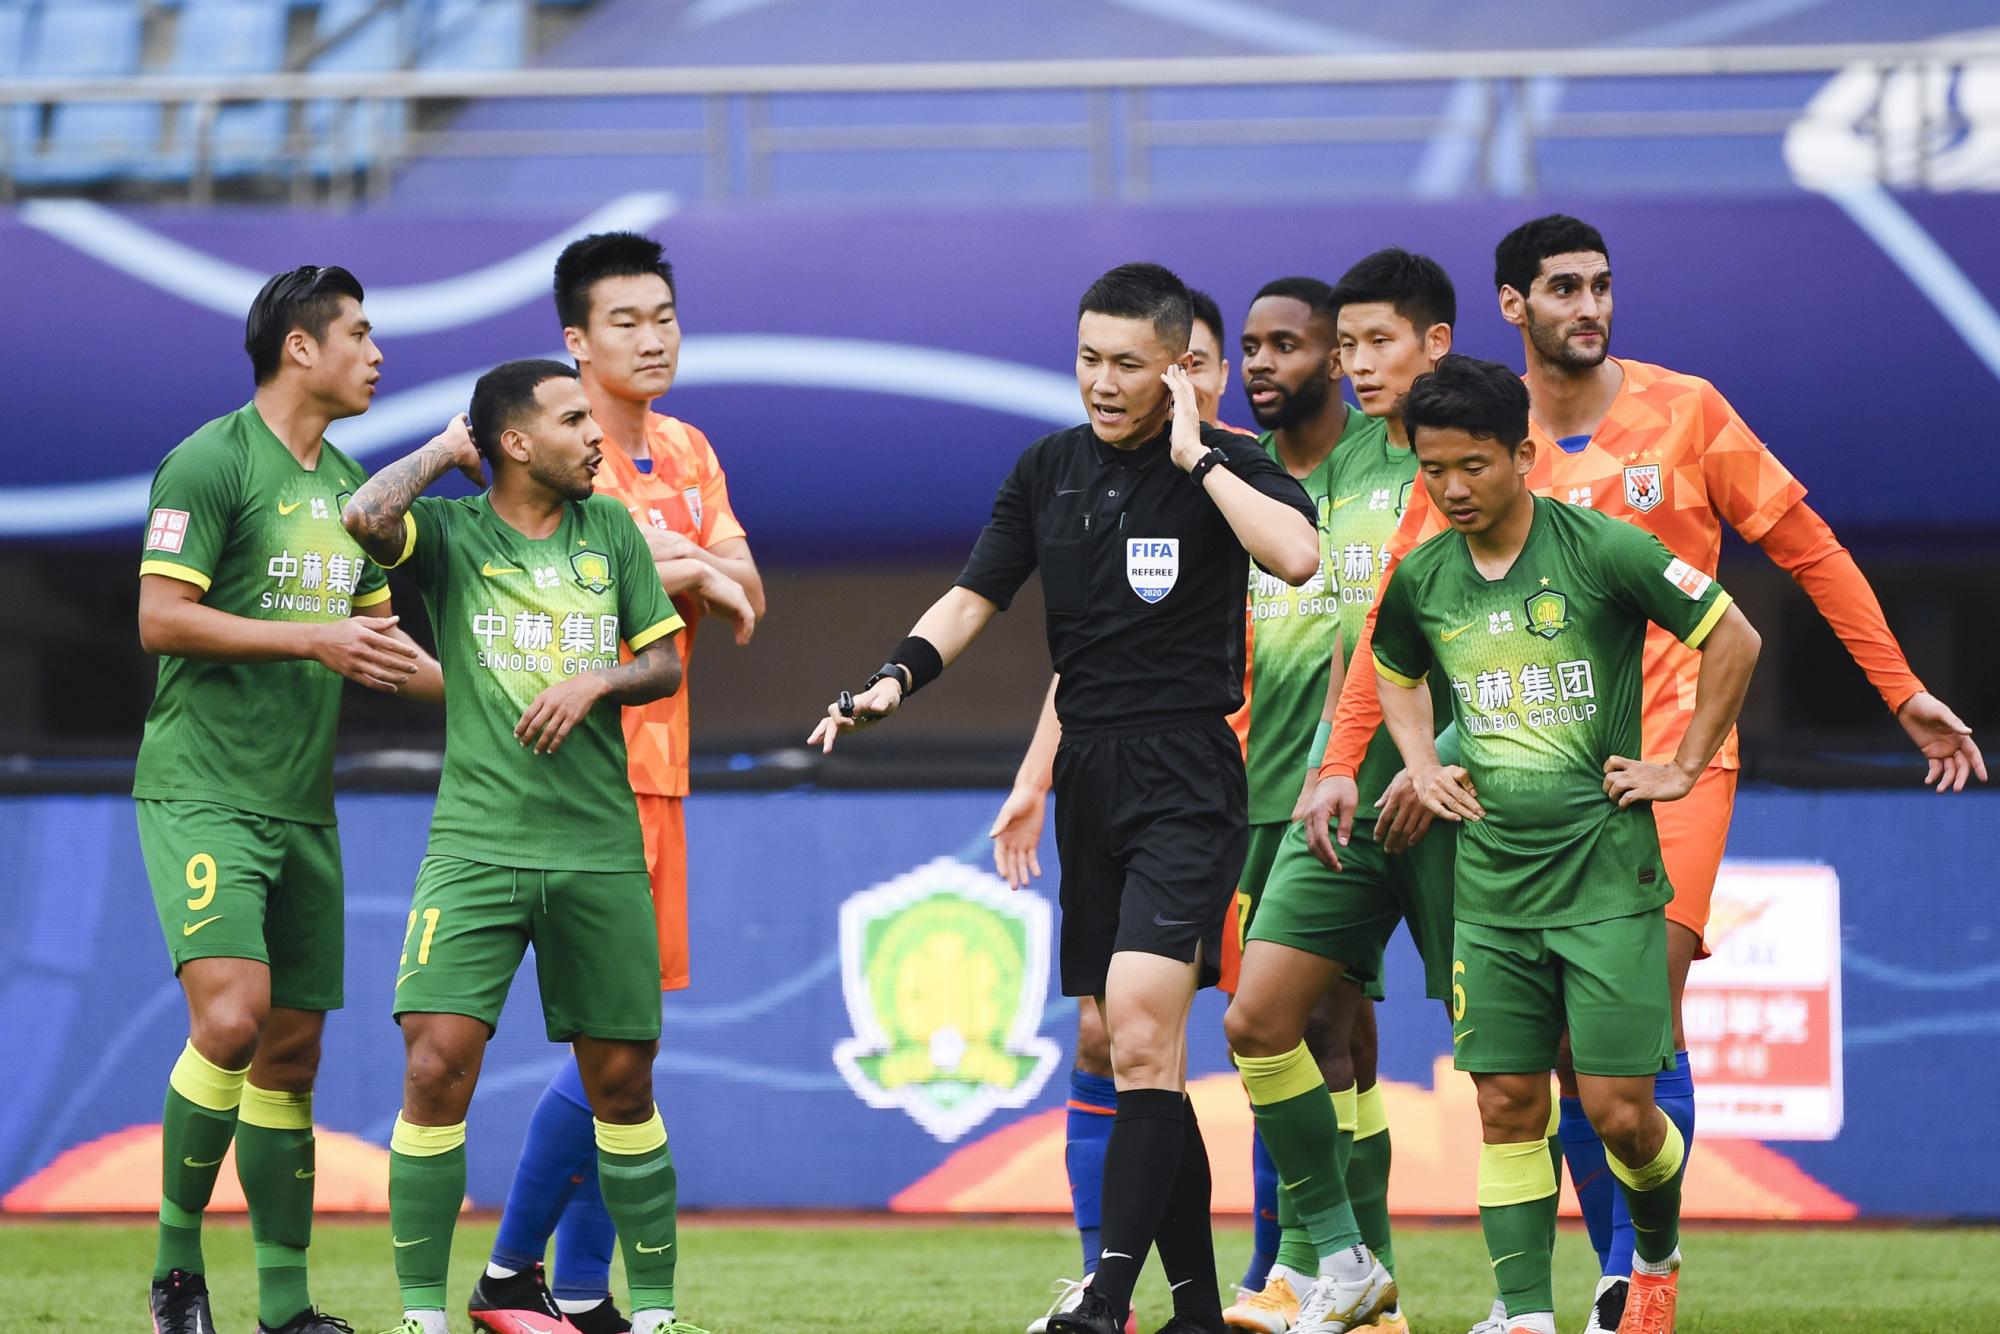 中超新赛季分组出炉,山东泰山与广州队同组,裁判工作受到重视